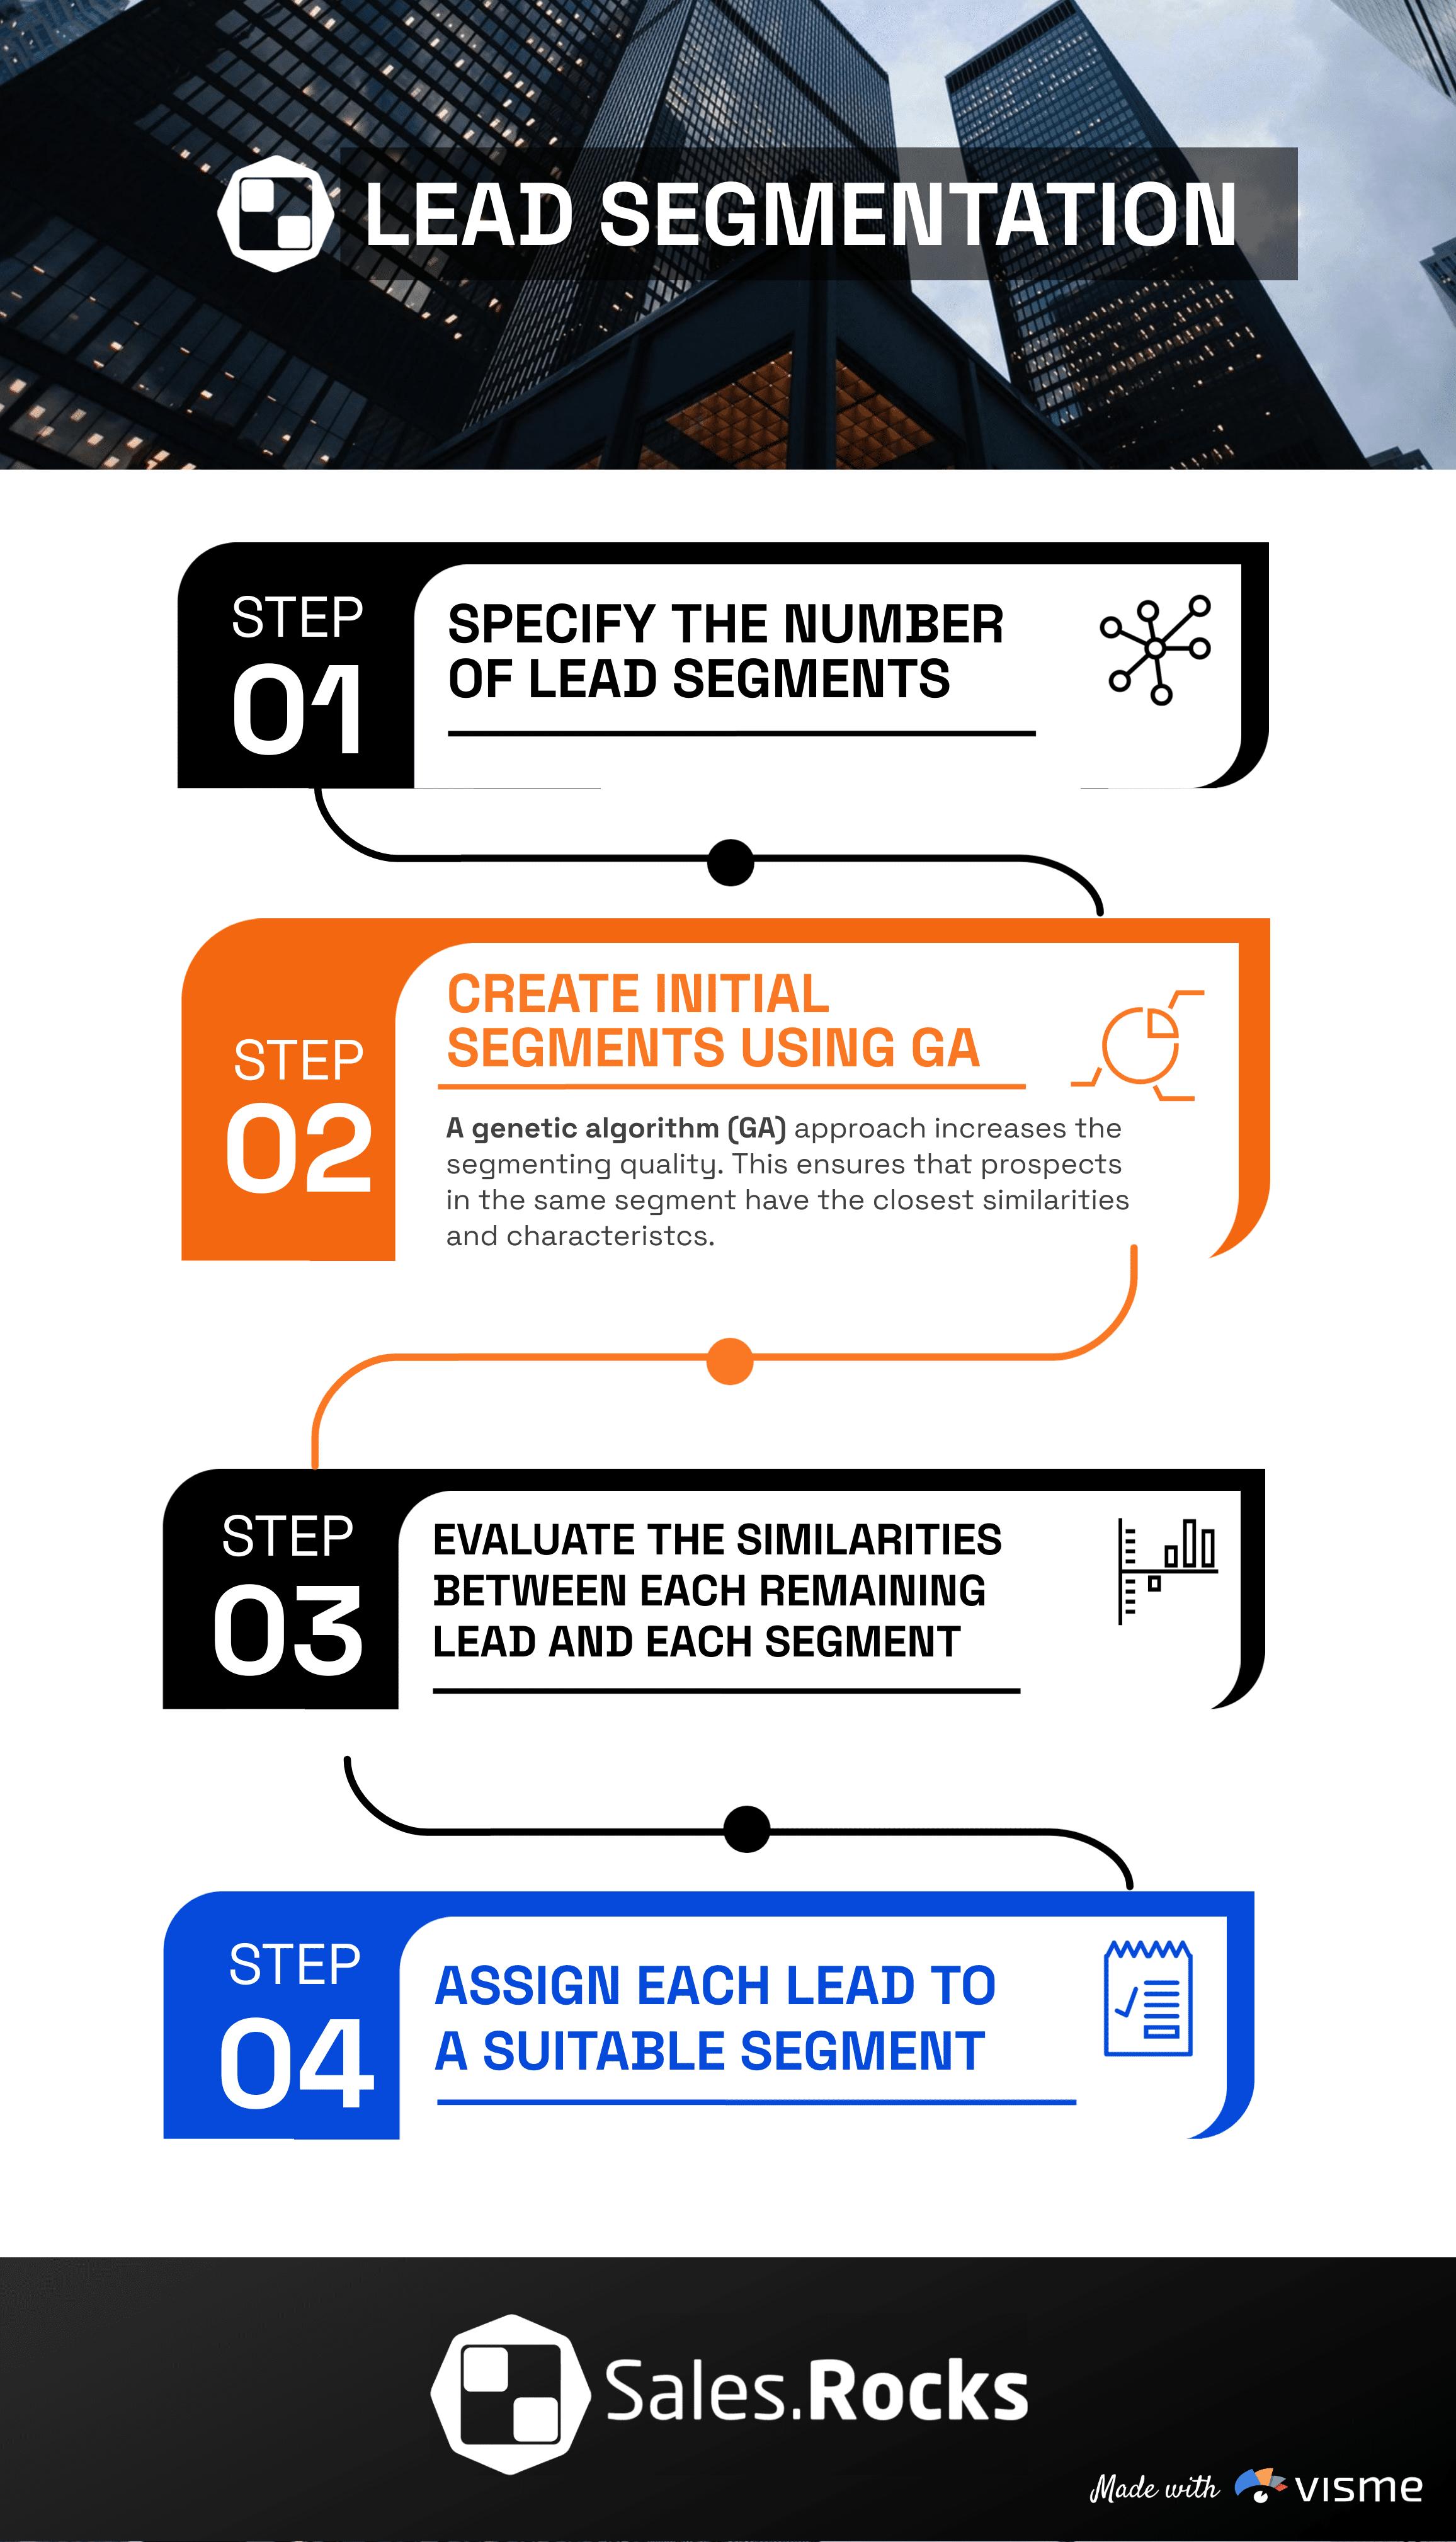 Lead Segmentation Sales.Rocks